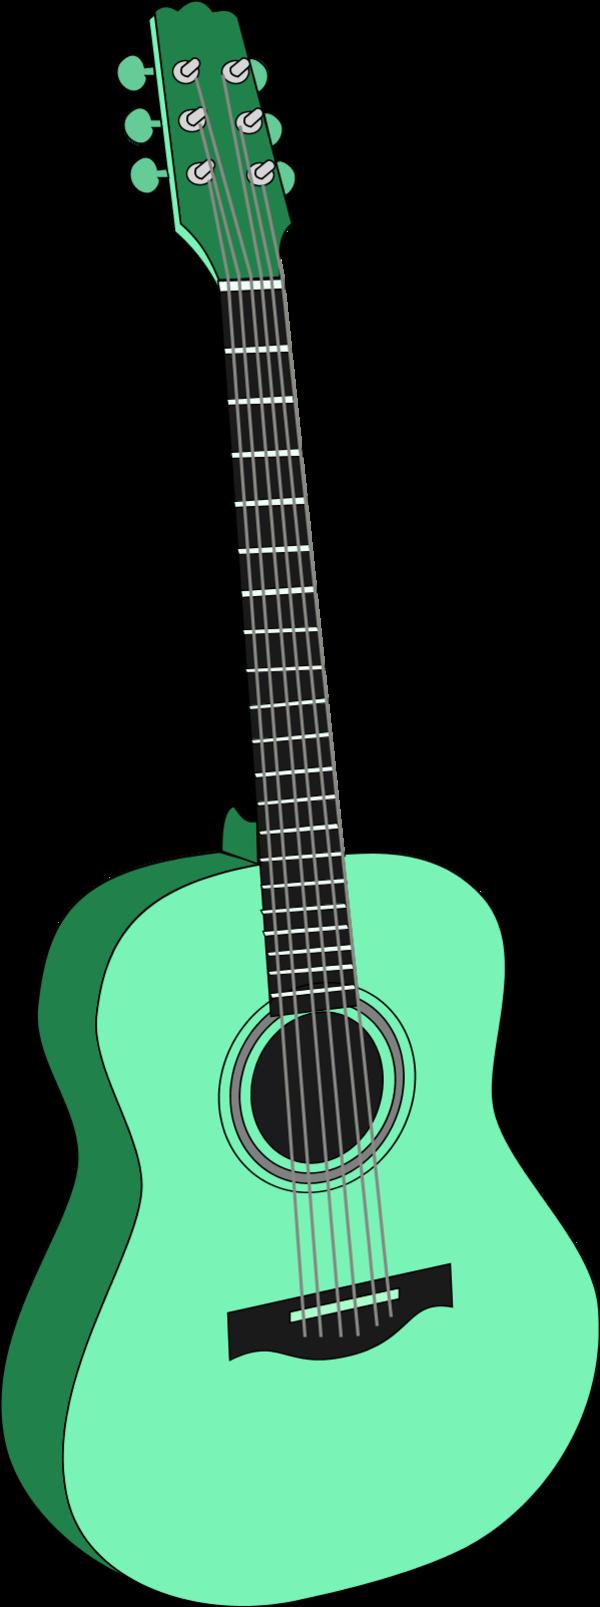 Riff panda free images. Clipart guitar colorful guitar